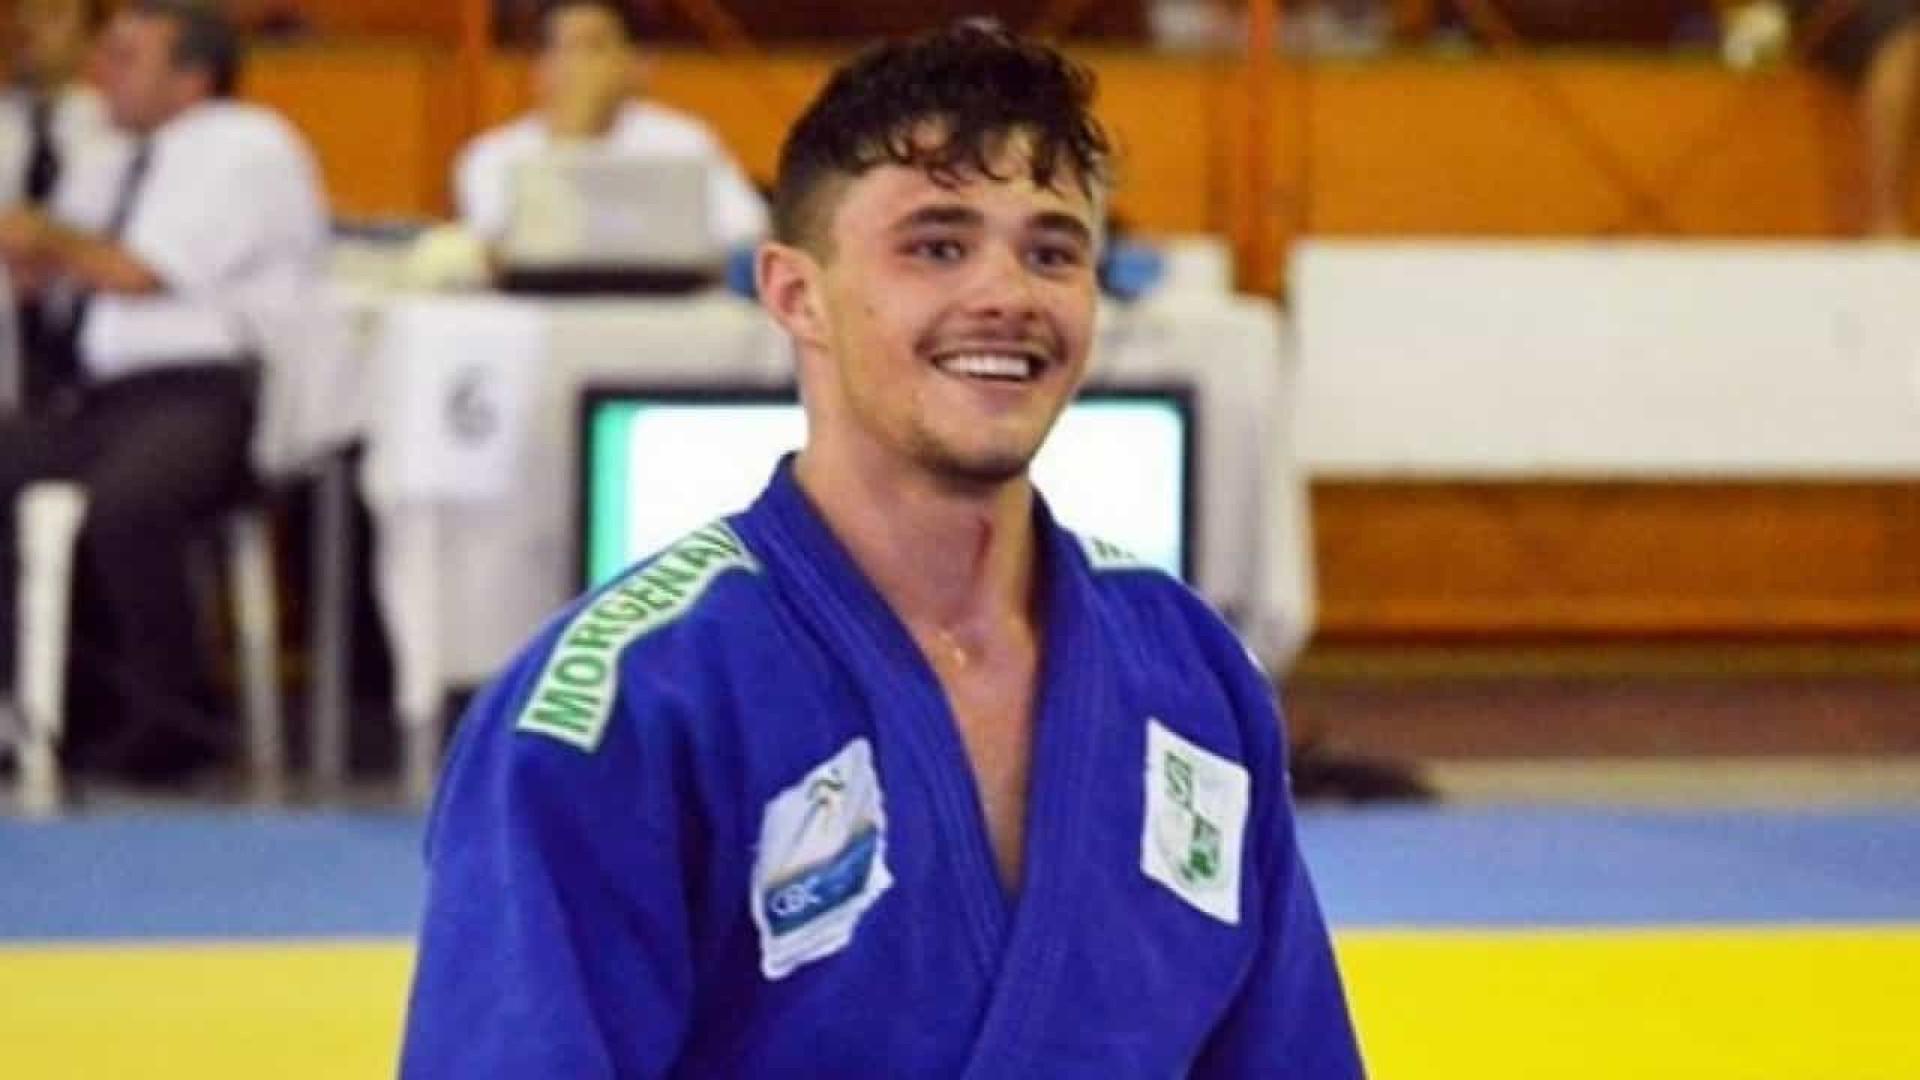 Judoca brasileiro é encontrado morto na piscina de casa em Curitiba